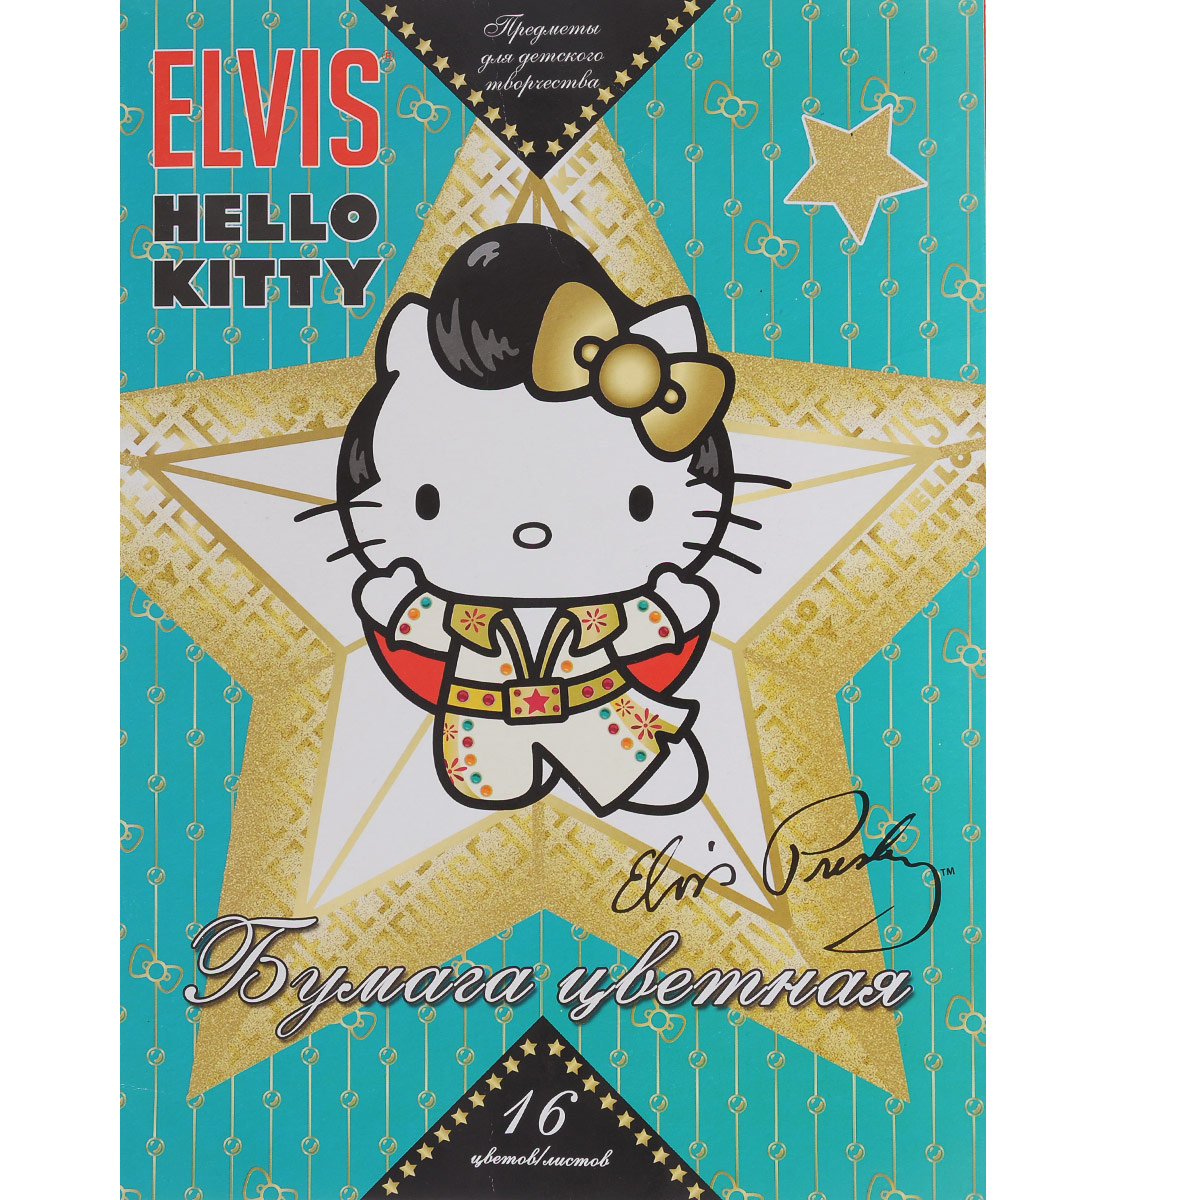 Цветная бумага Hello Kitty. Elvis, 16 цветов. HK31_бирюзовыйSW-CTP-10/10Цветная бумага Hello Kitty. Elvis позволит вашему ребенку создавать всевозможные аппликации и поделки.Набор состоит из 16 листов, скрепленных скобами. Обложка изготовлена из плотного картона с изображением Hello Kitty.Создание поделок из цветной бумаги поможет ребенку в развитии творческих способностей, кроме того, это увлекательный досуг.